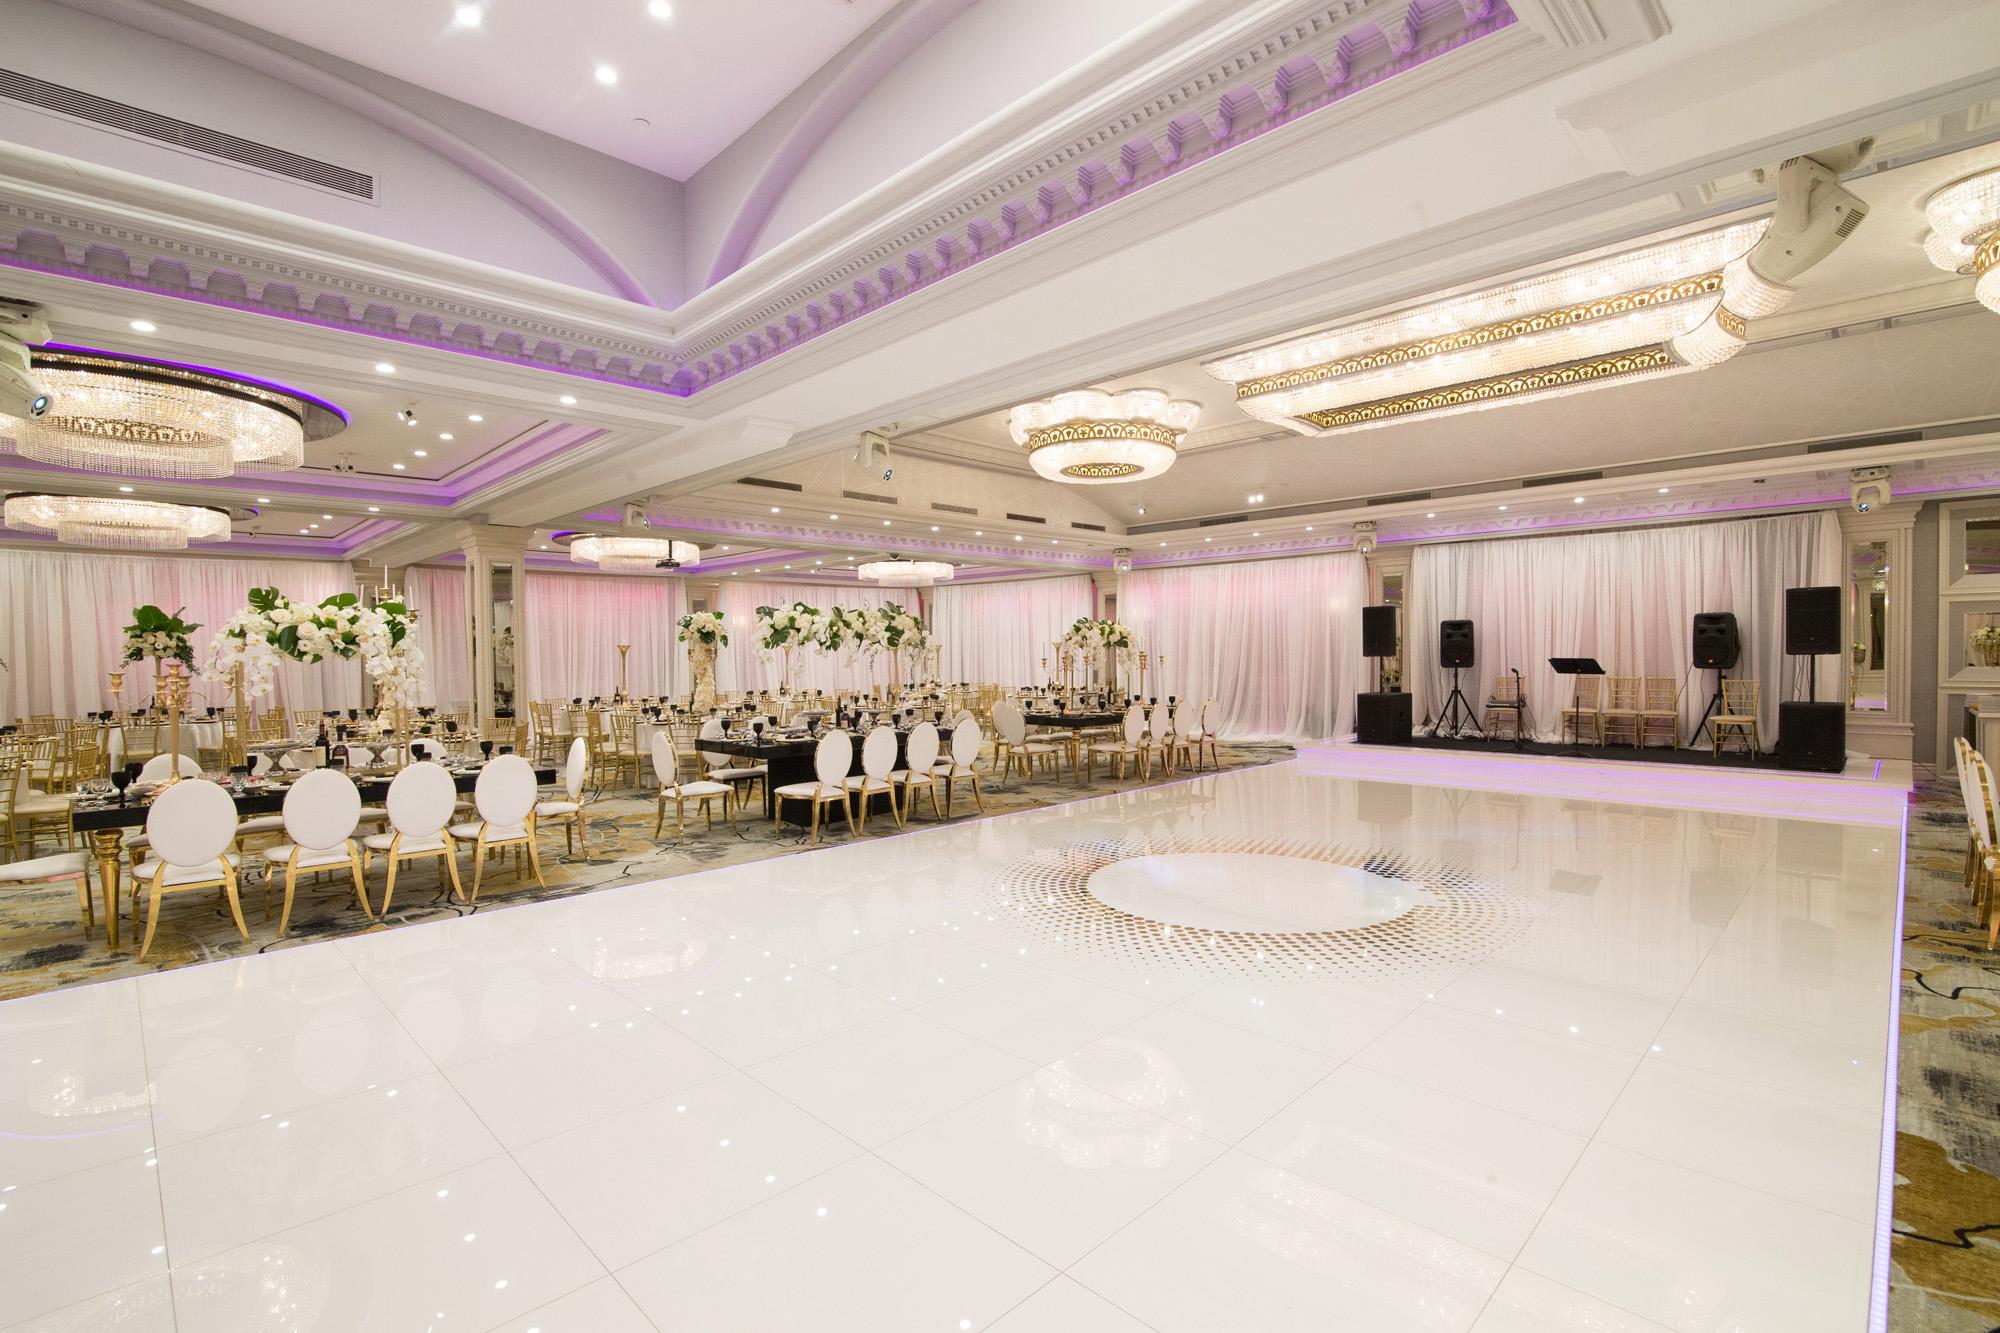 Contemporary Event Wedding Venues In Glendale Ca Glenoaks